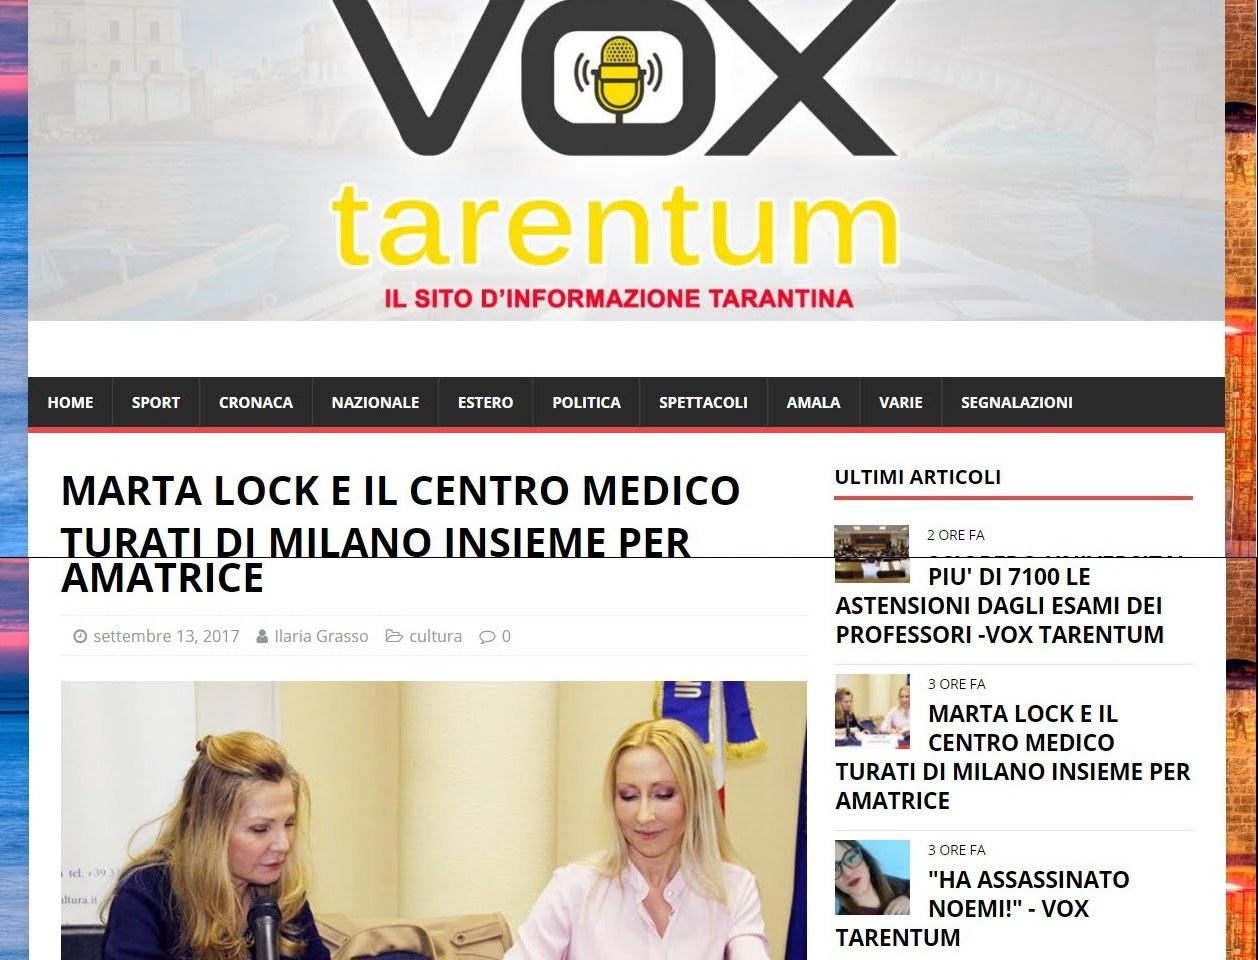 Vox Tarentum